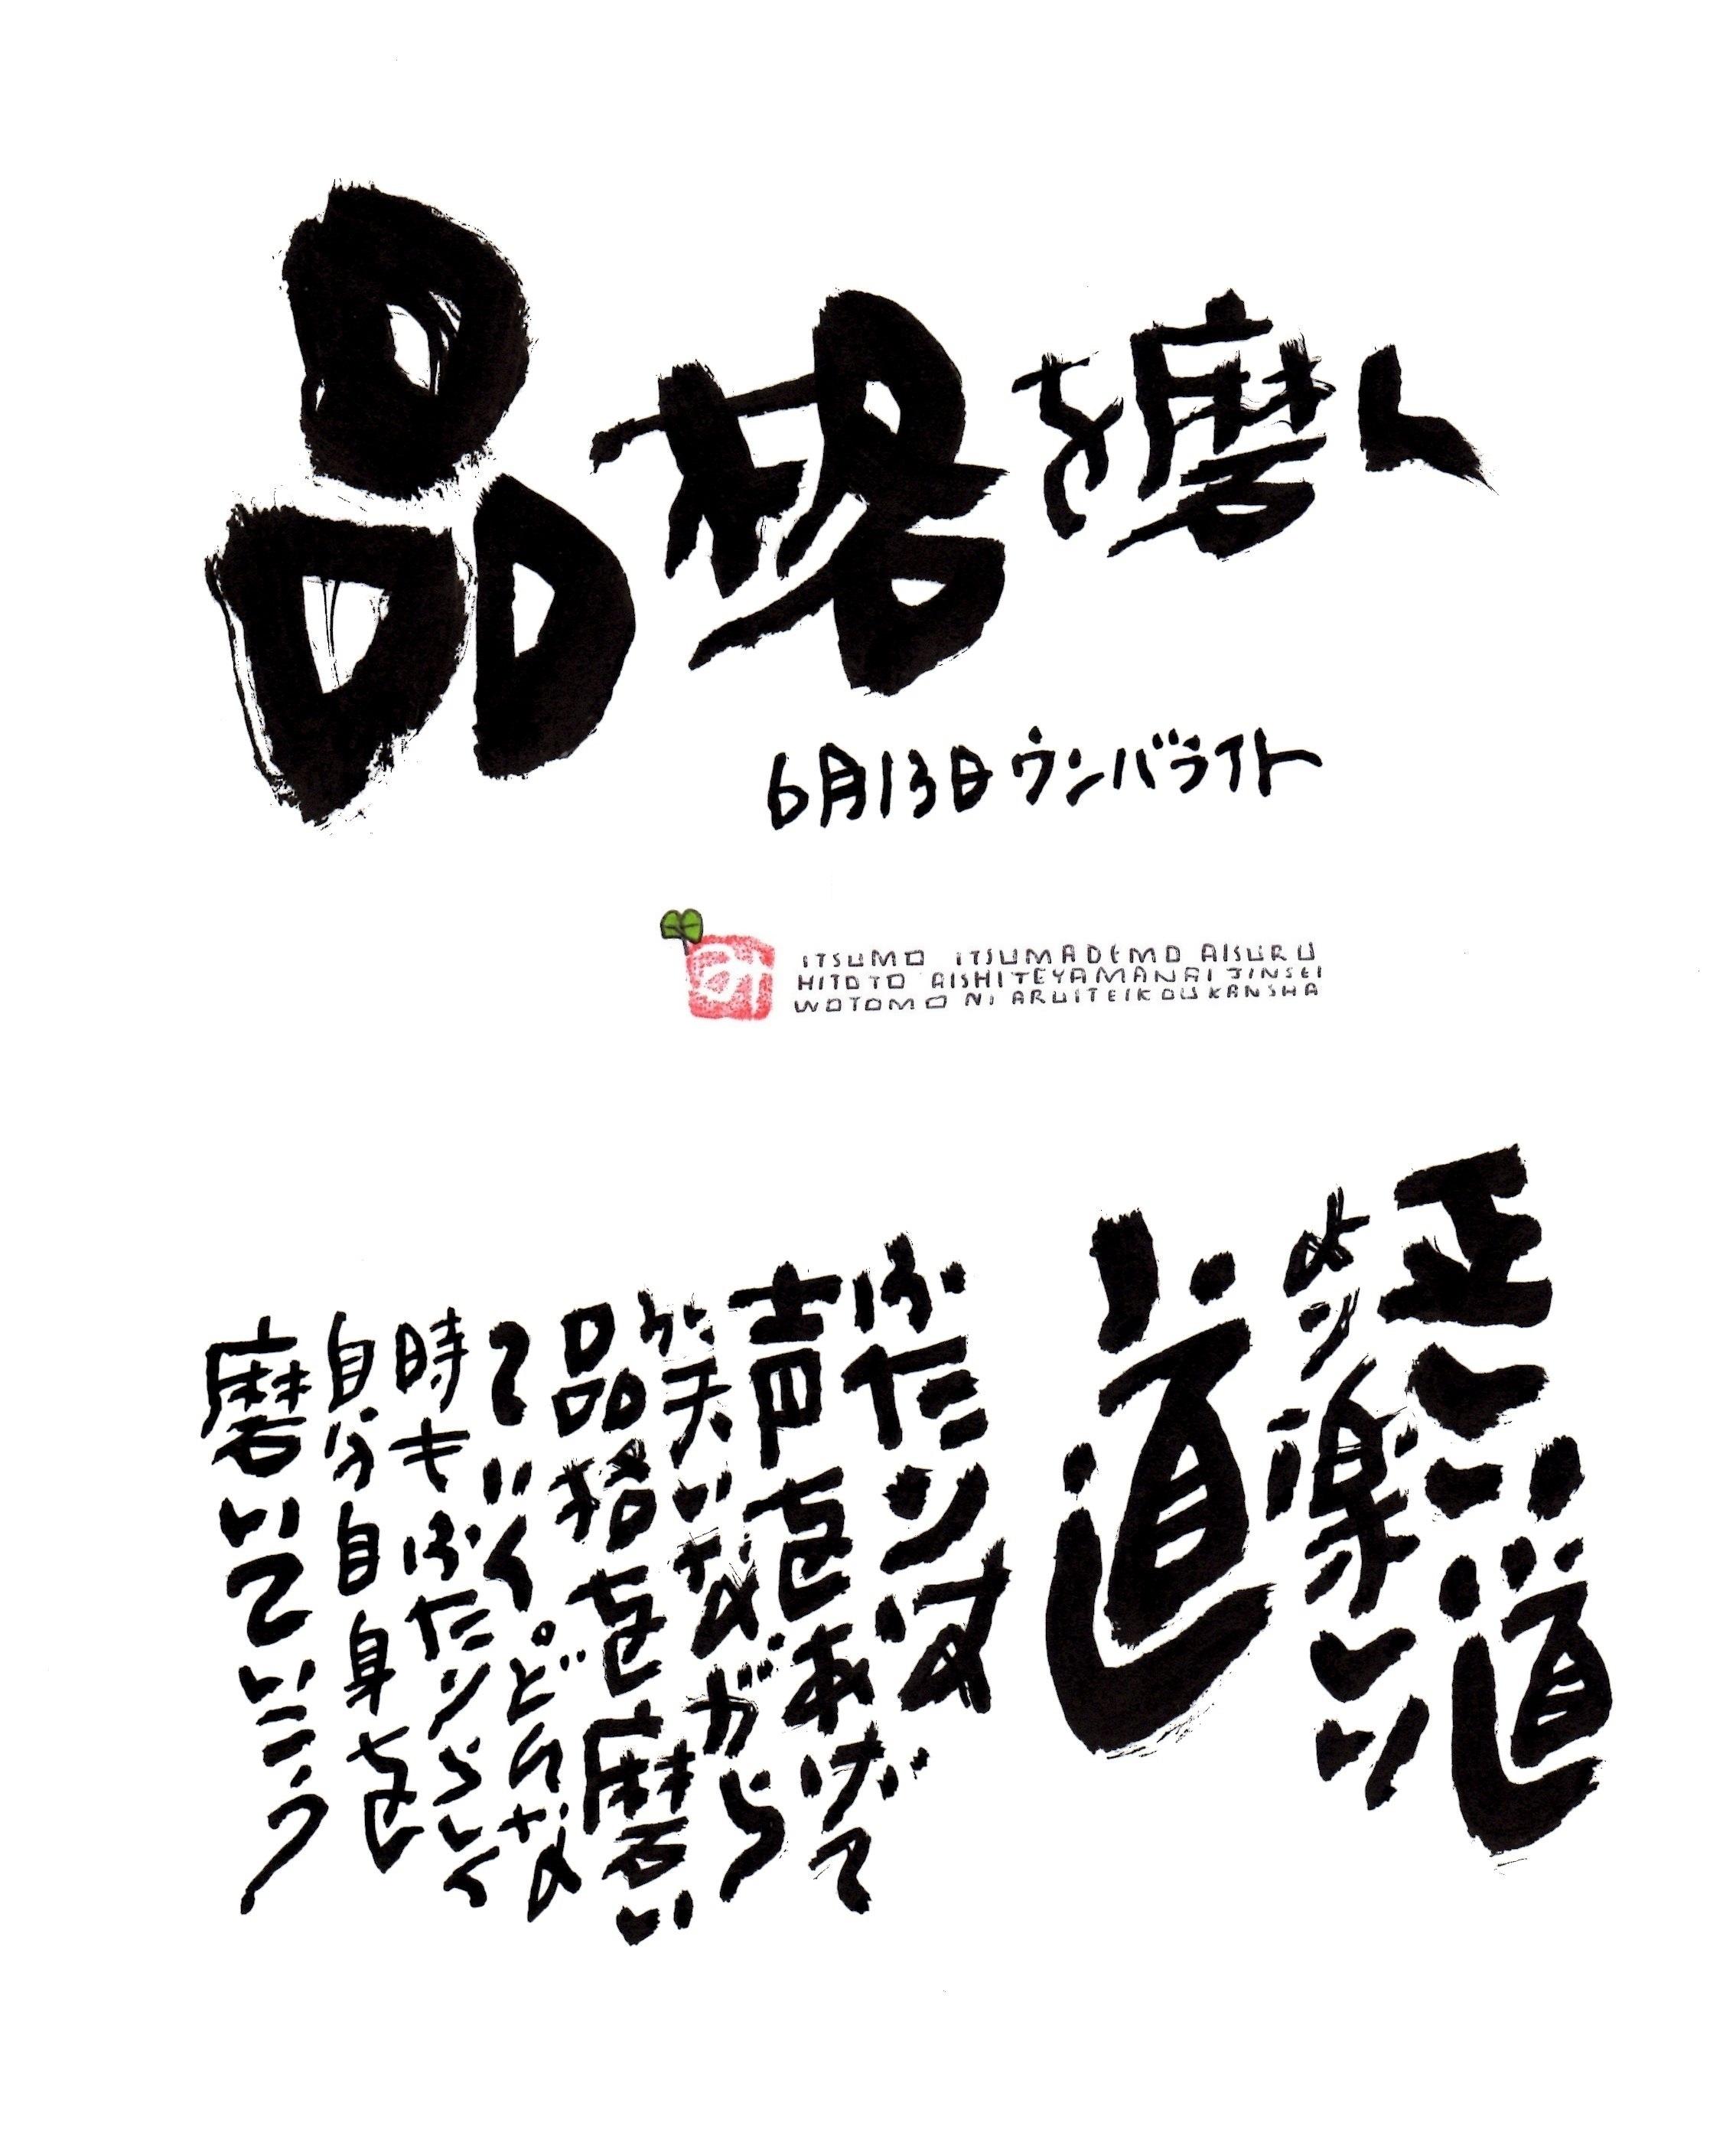 6月13日 結婚記念日ポストカード【品格を磨く】